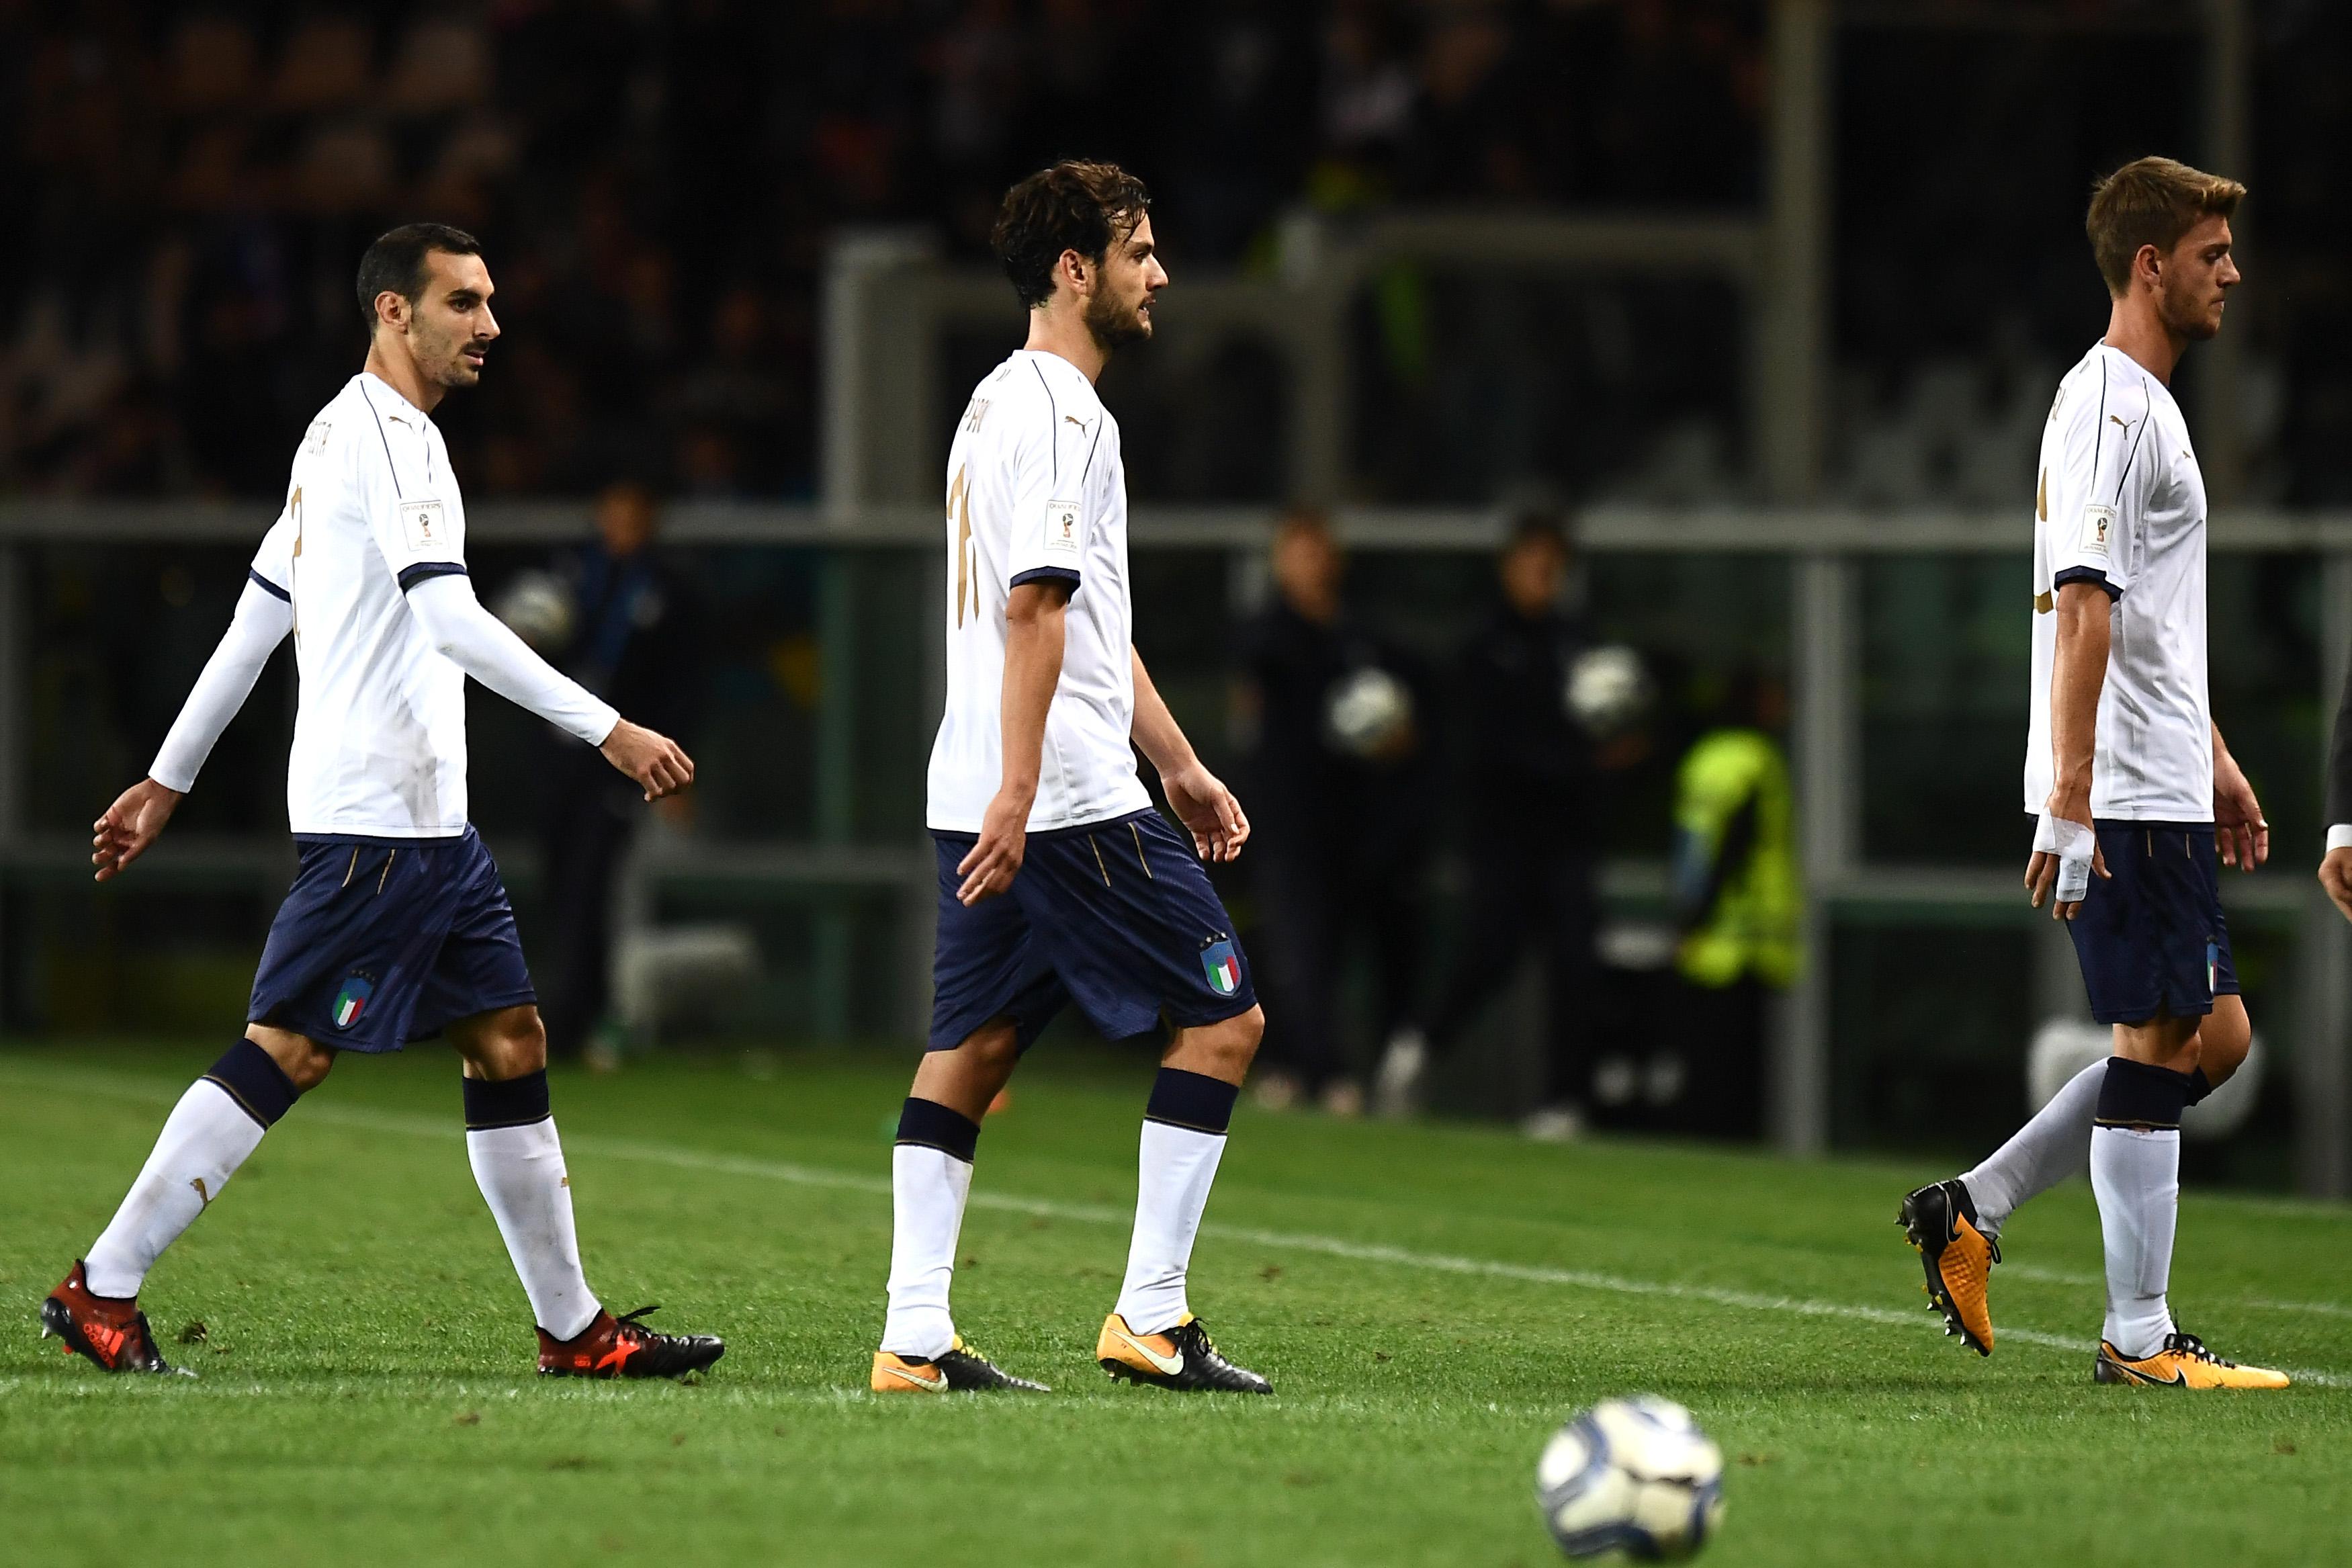 Eliminatoires 2018 le point sur la zone euro russie 2018 coupe du monde football - Coupe du monde 2018 football ...